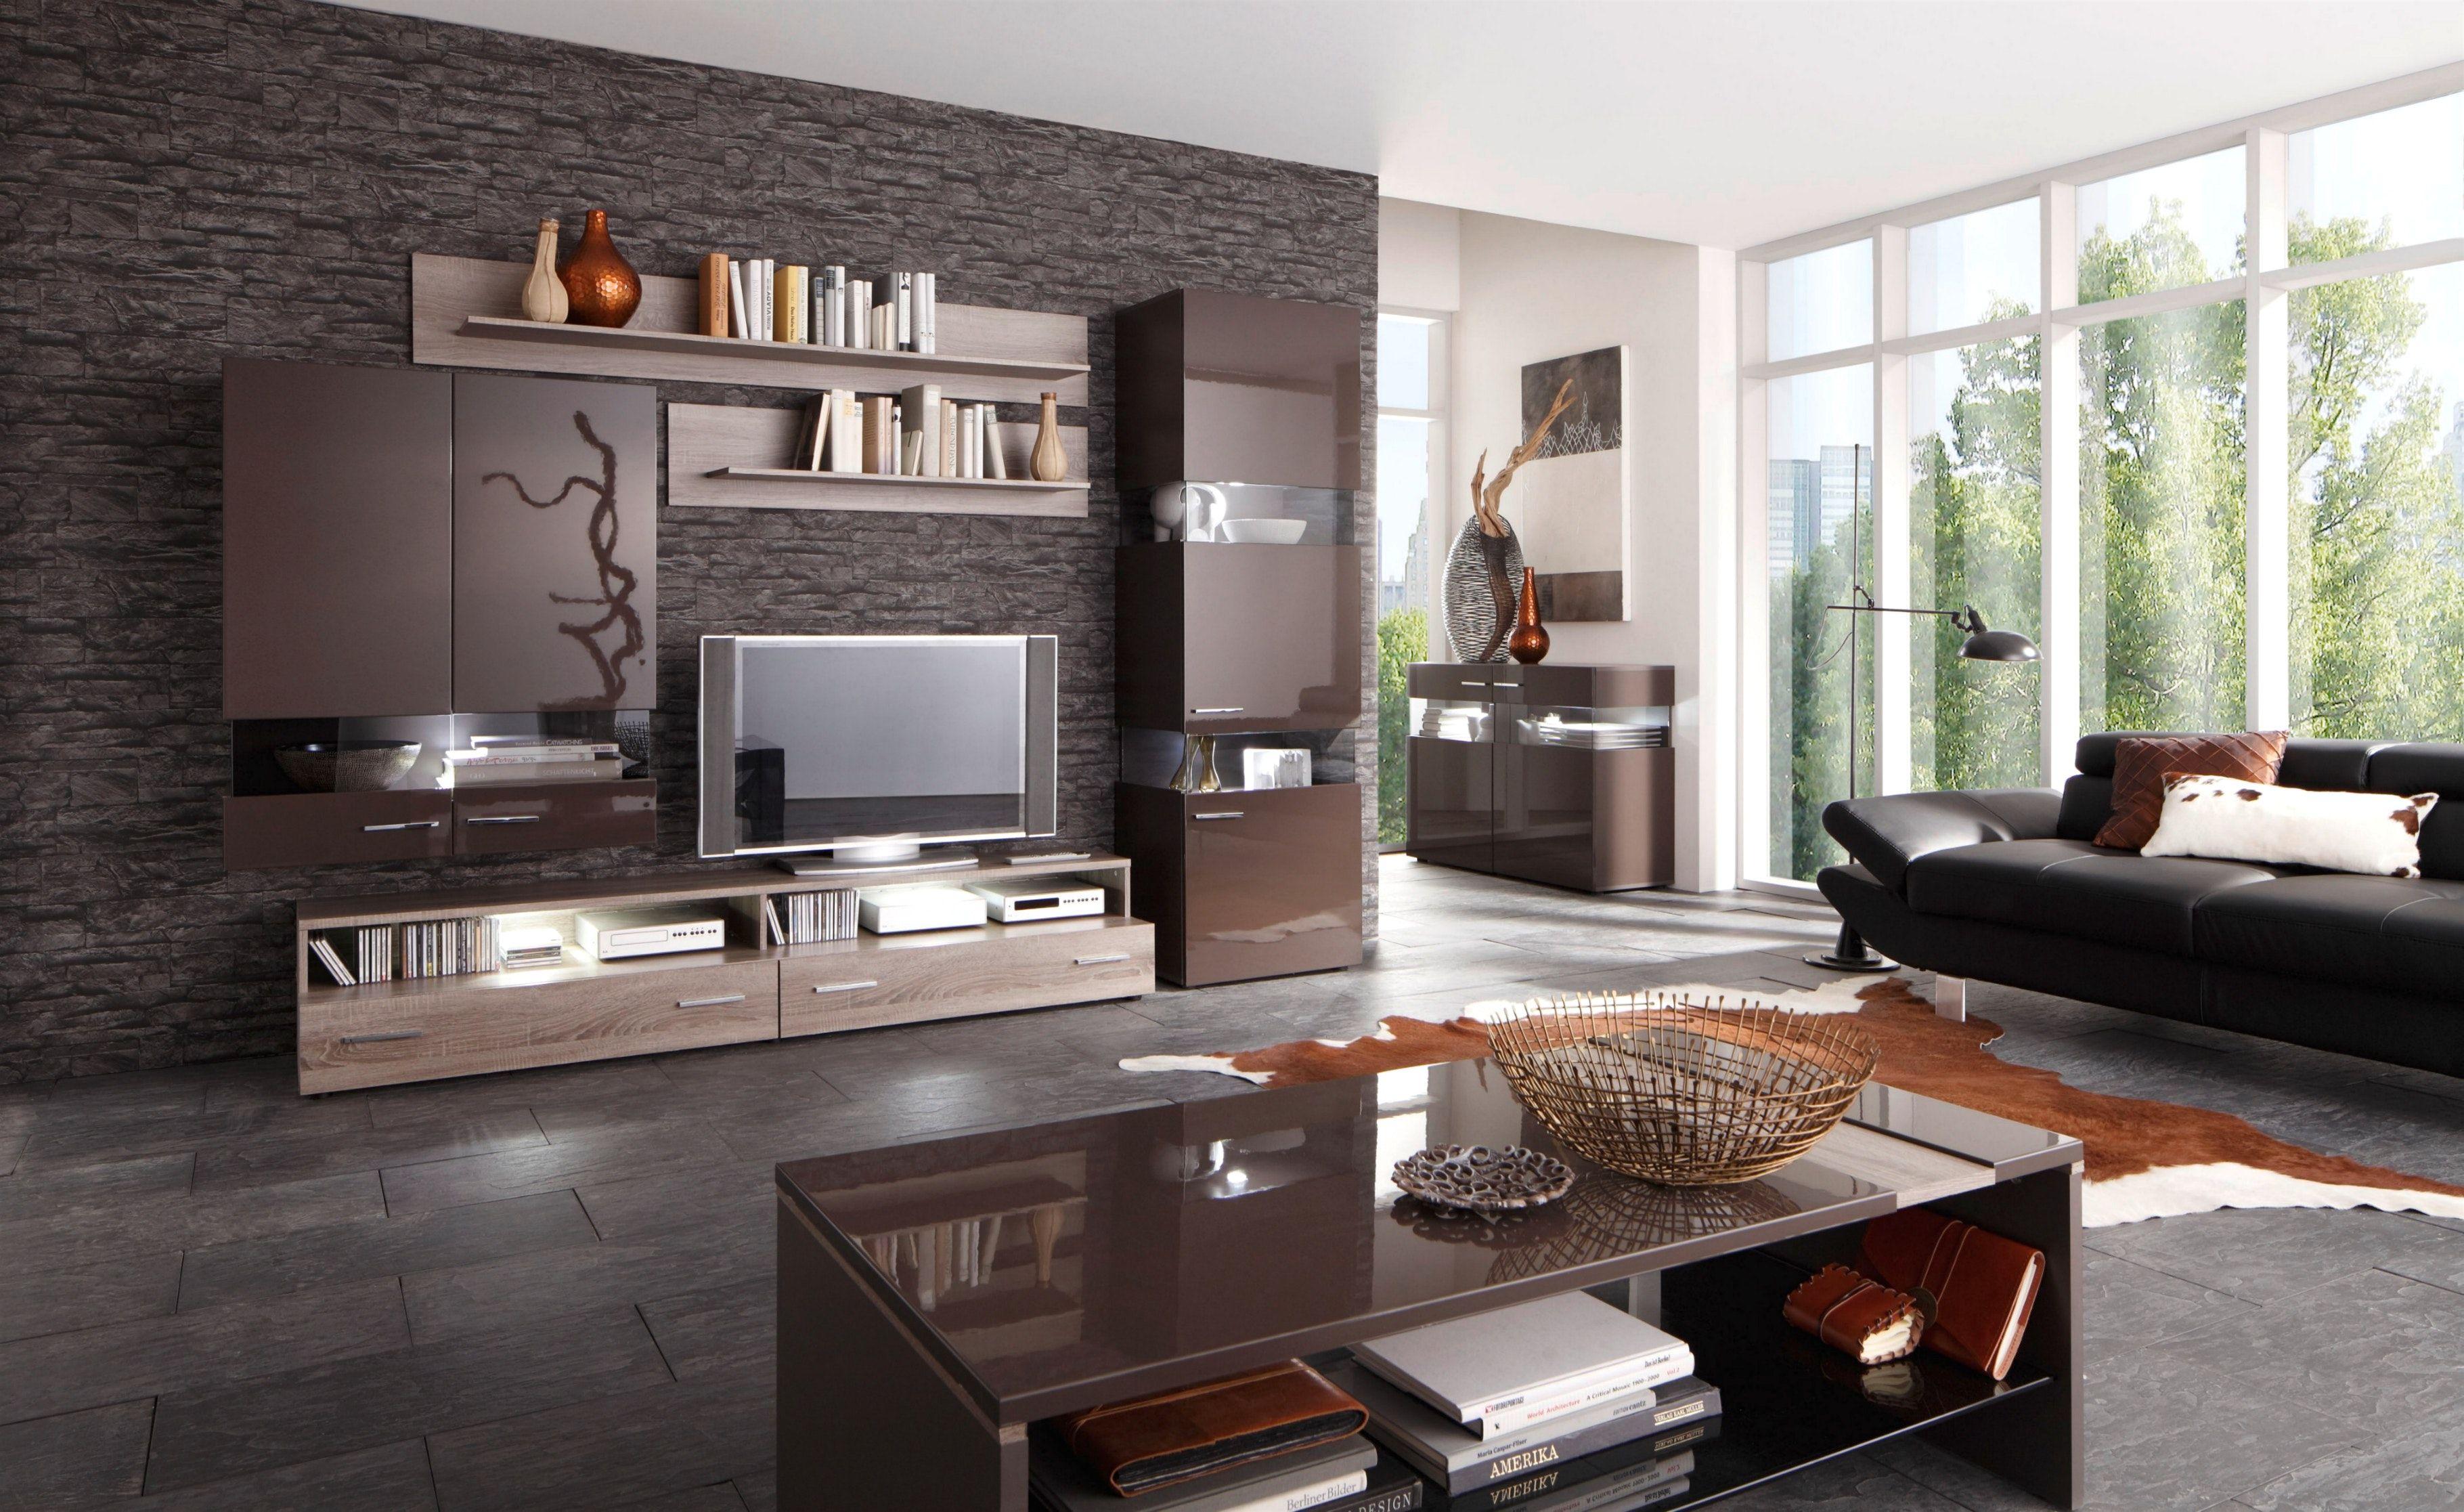 Wohnzimmereinrichtung Ideen Braun Ideen Für Wohnzimmer Gestalten · Wohnzimmereinrichtungen  Modern Weiss ...